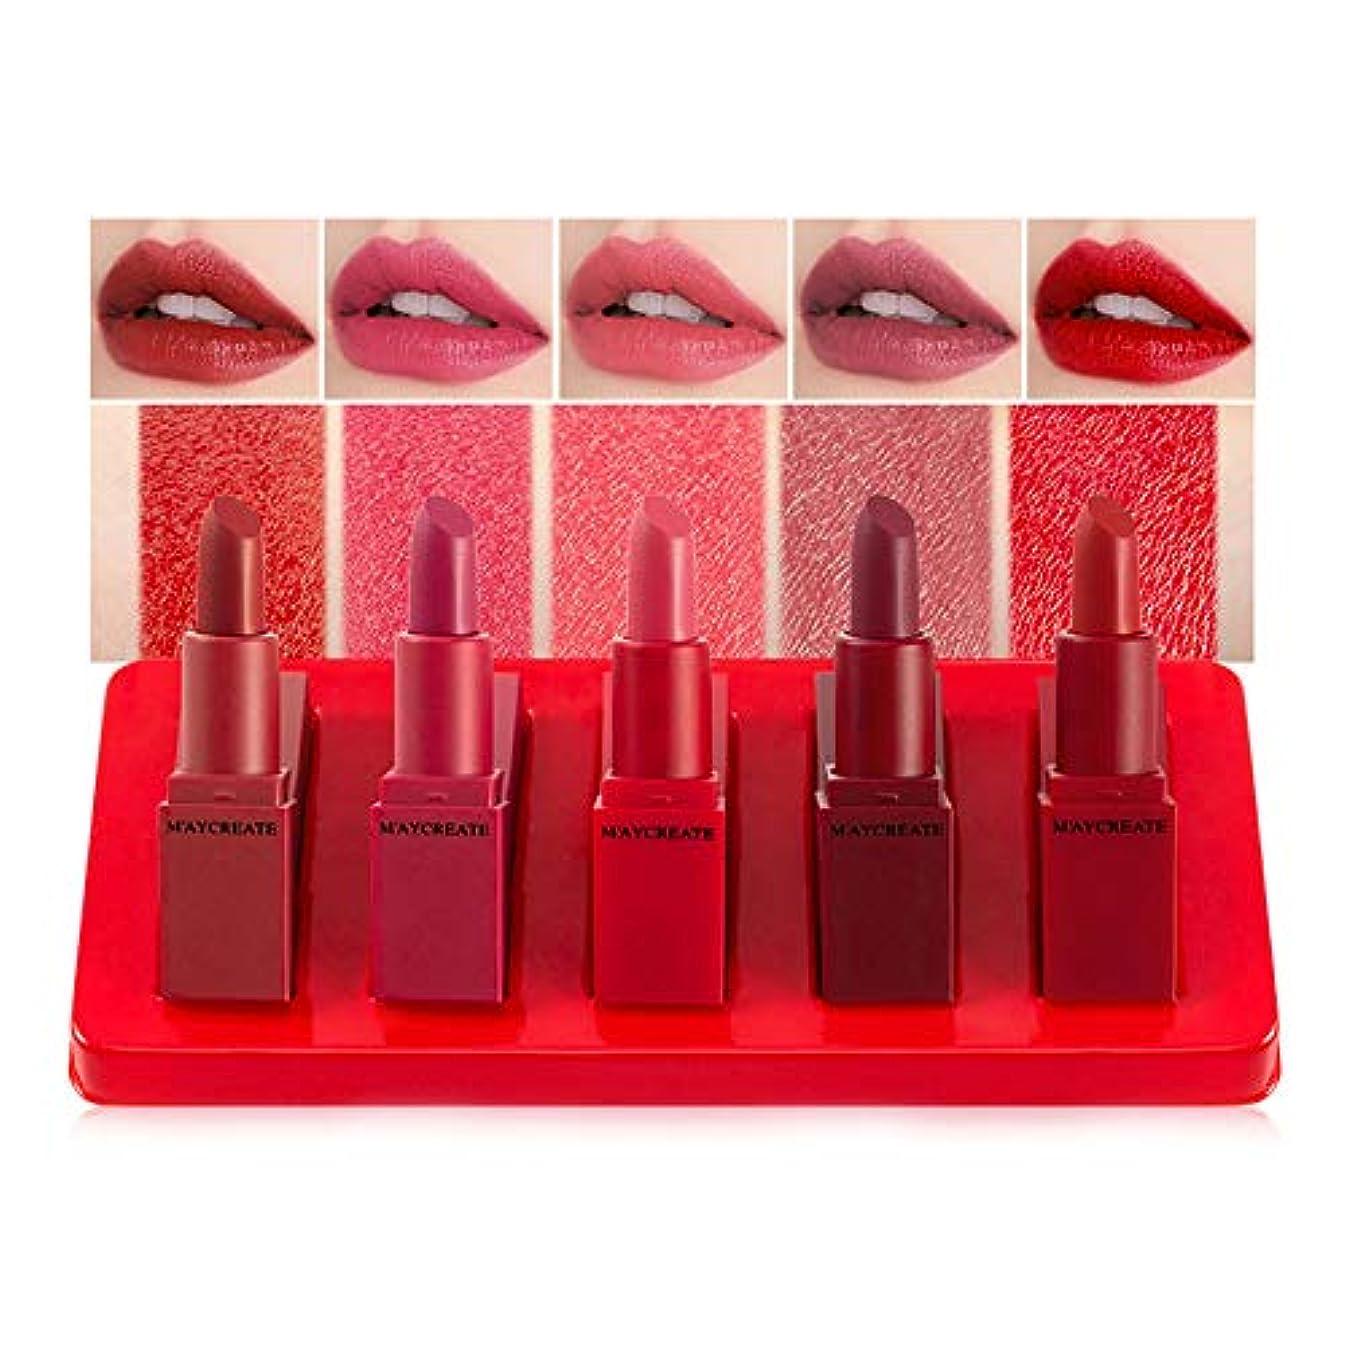 シンボル理想的には作り上げる5本/セット口紅化粧品女性化粧セット保湿バームファッション防水セクシーな口紅